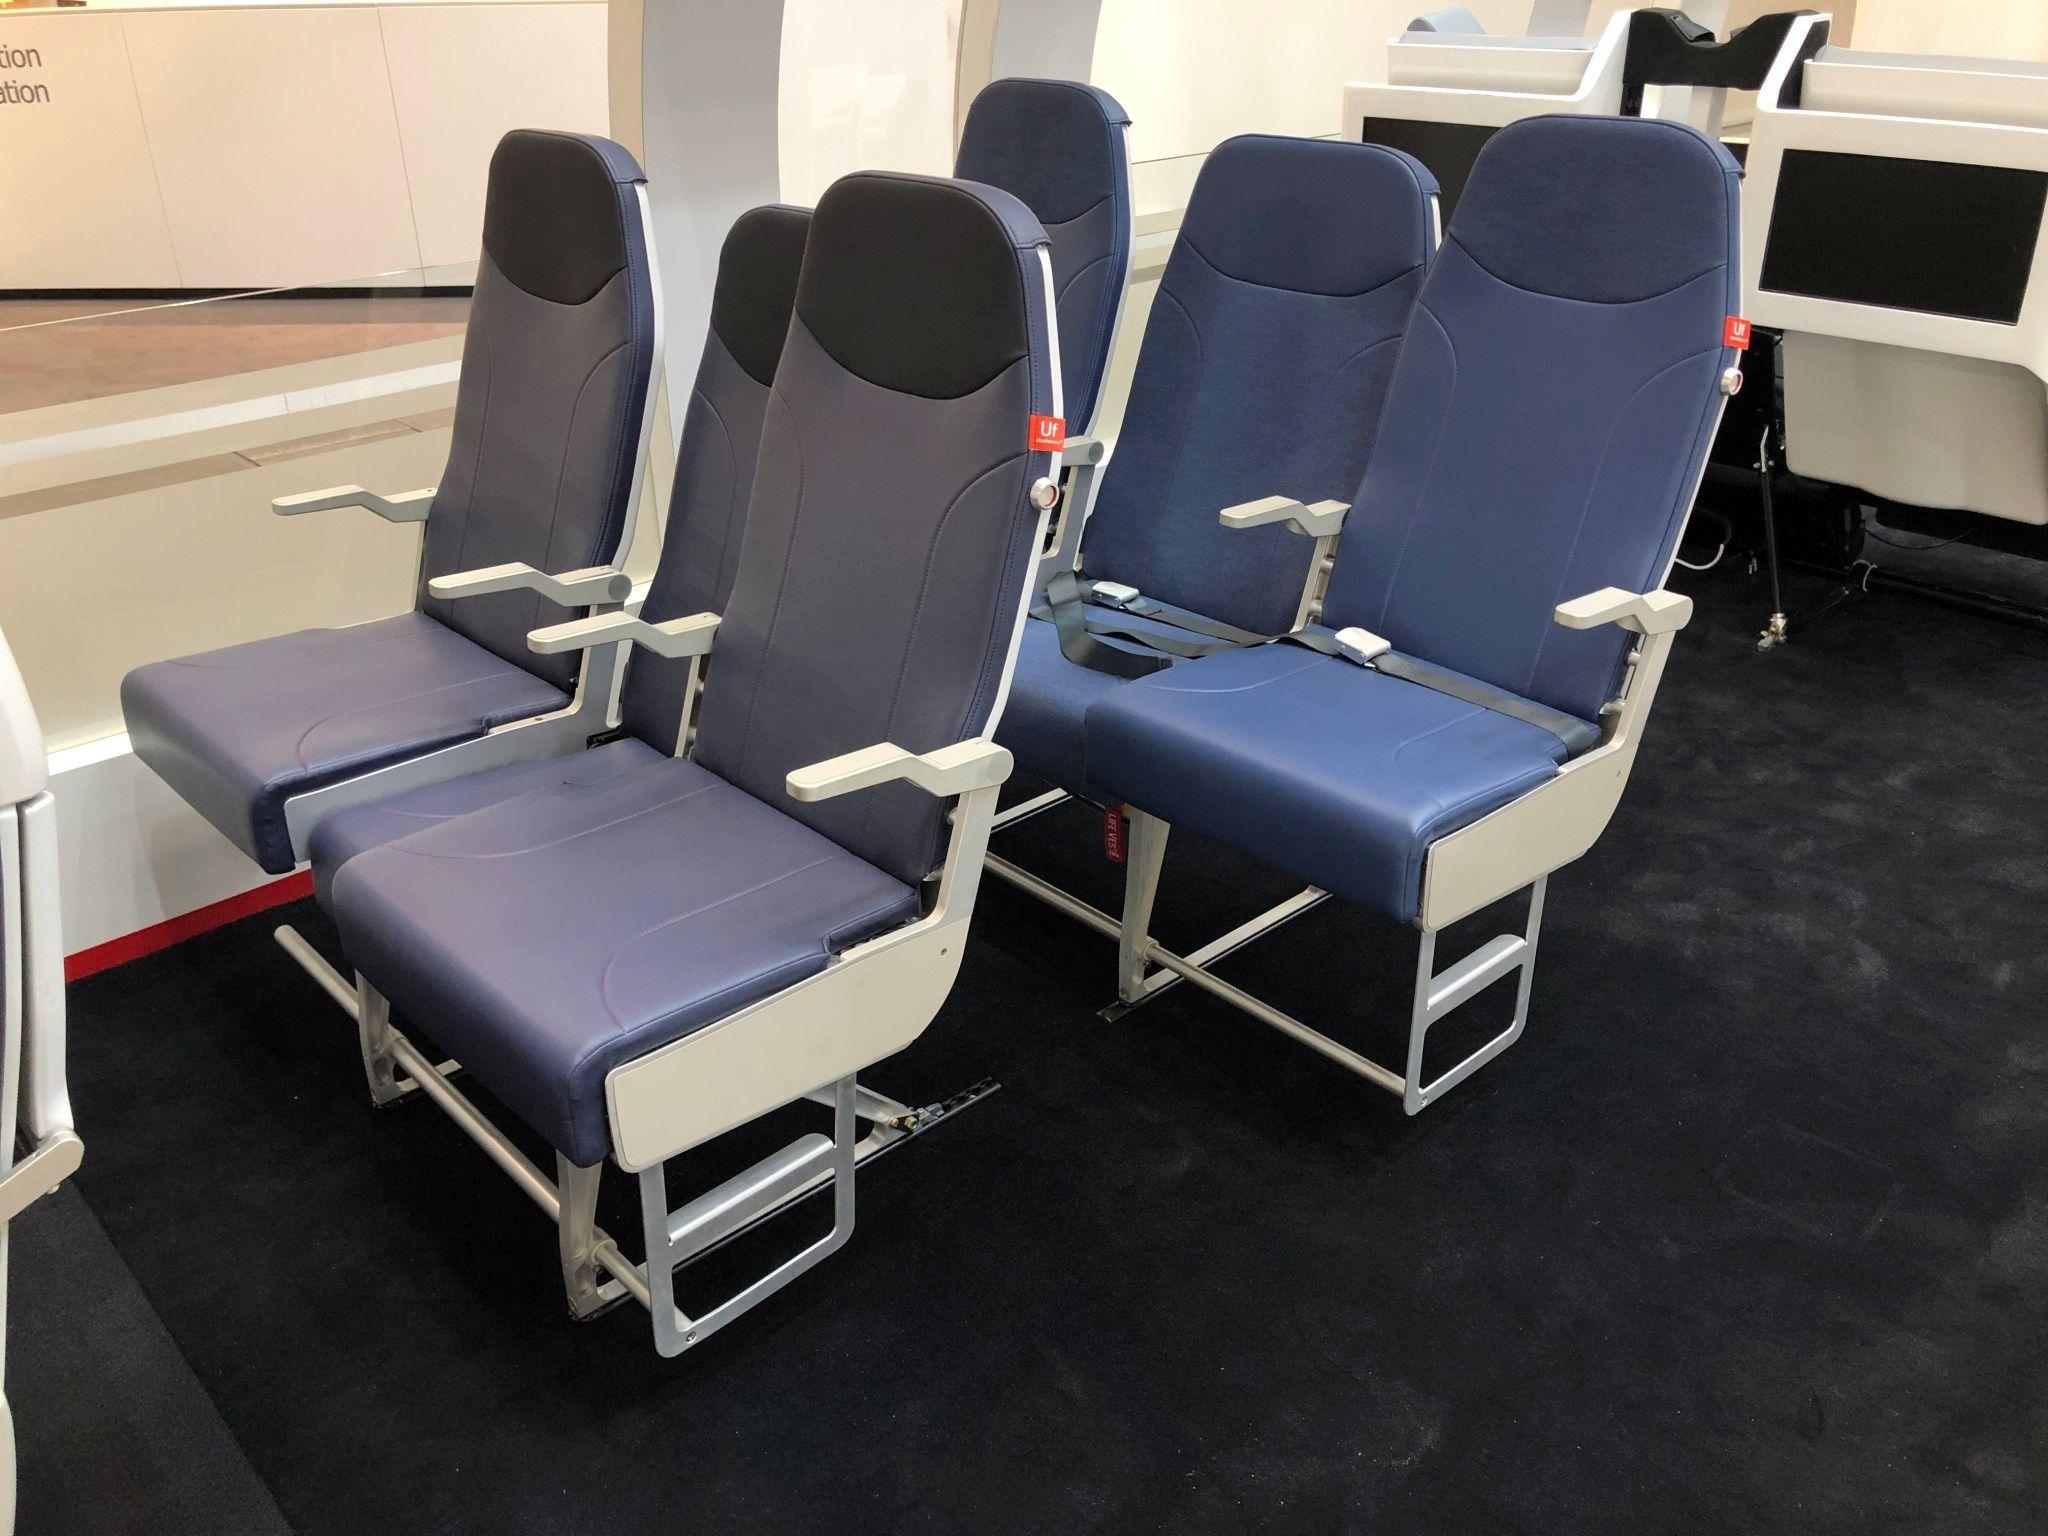 新款可移动性飞机座椅面世 中间位退后解决手肘之争